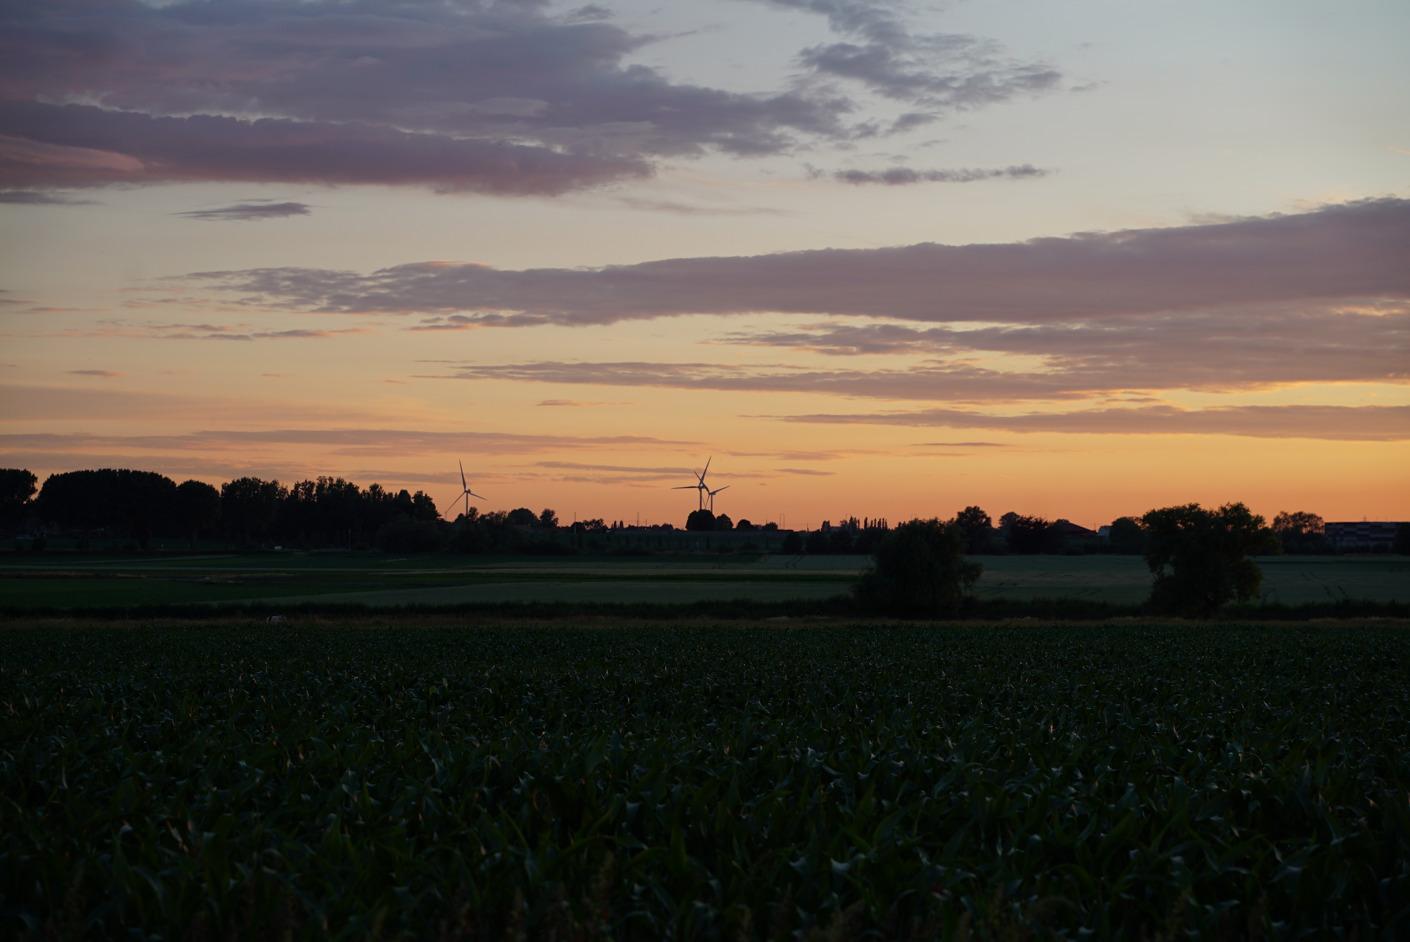 Eteindre à distance les feux lumineux des éoliennes d'Eneco est à présent possible :